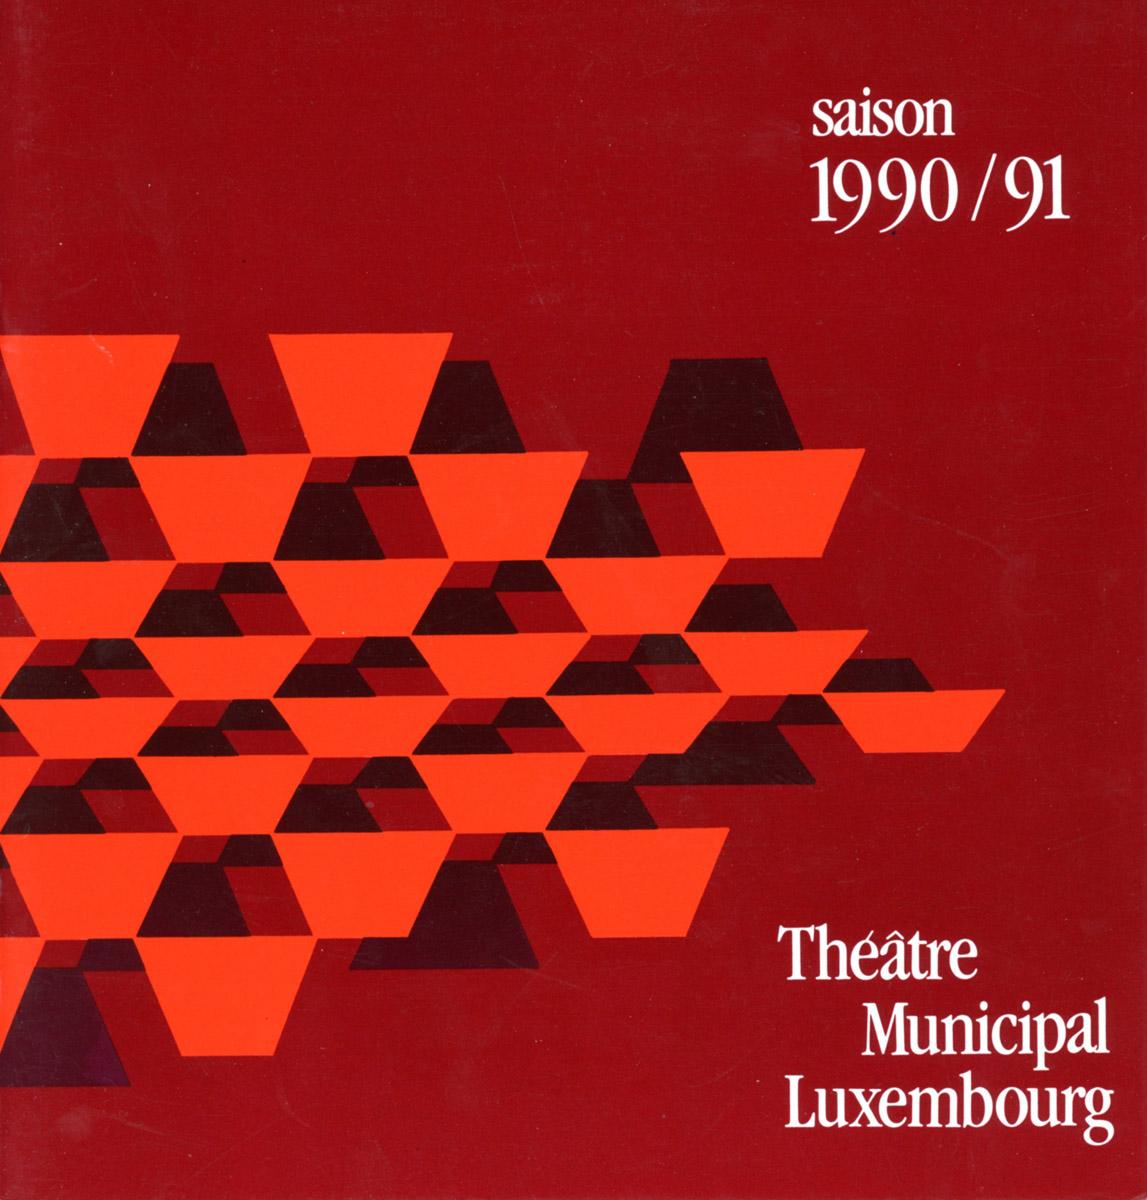 Programme Théâtre Municipal de la Ville de Luxembourg programmation Saison 1990-91